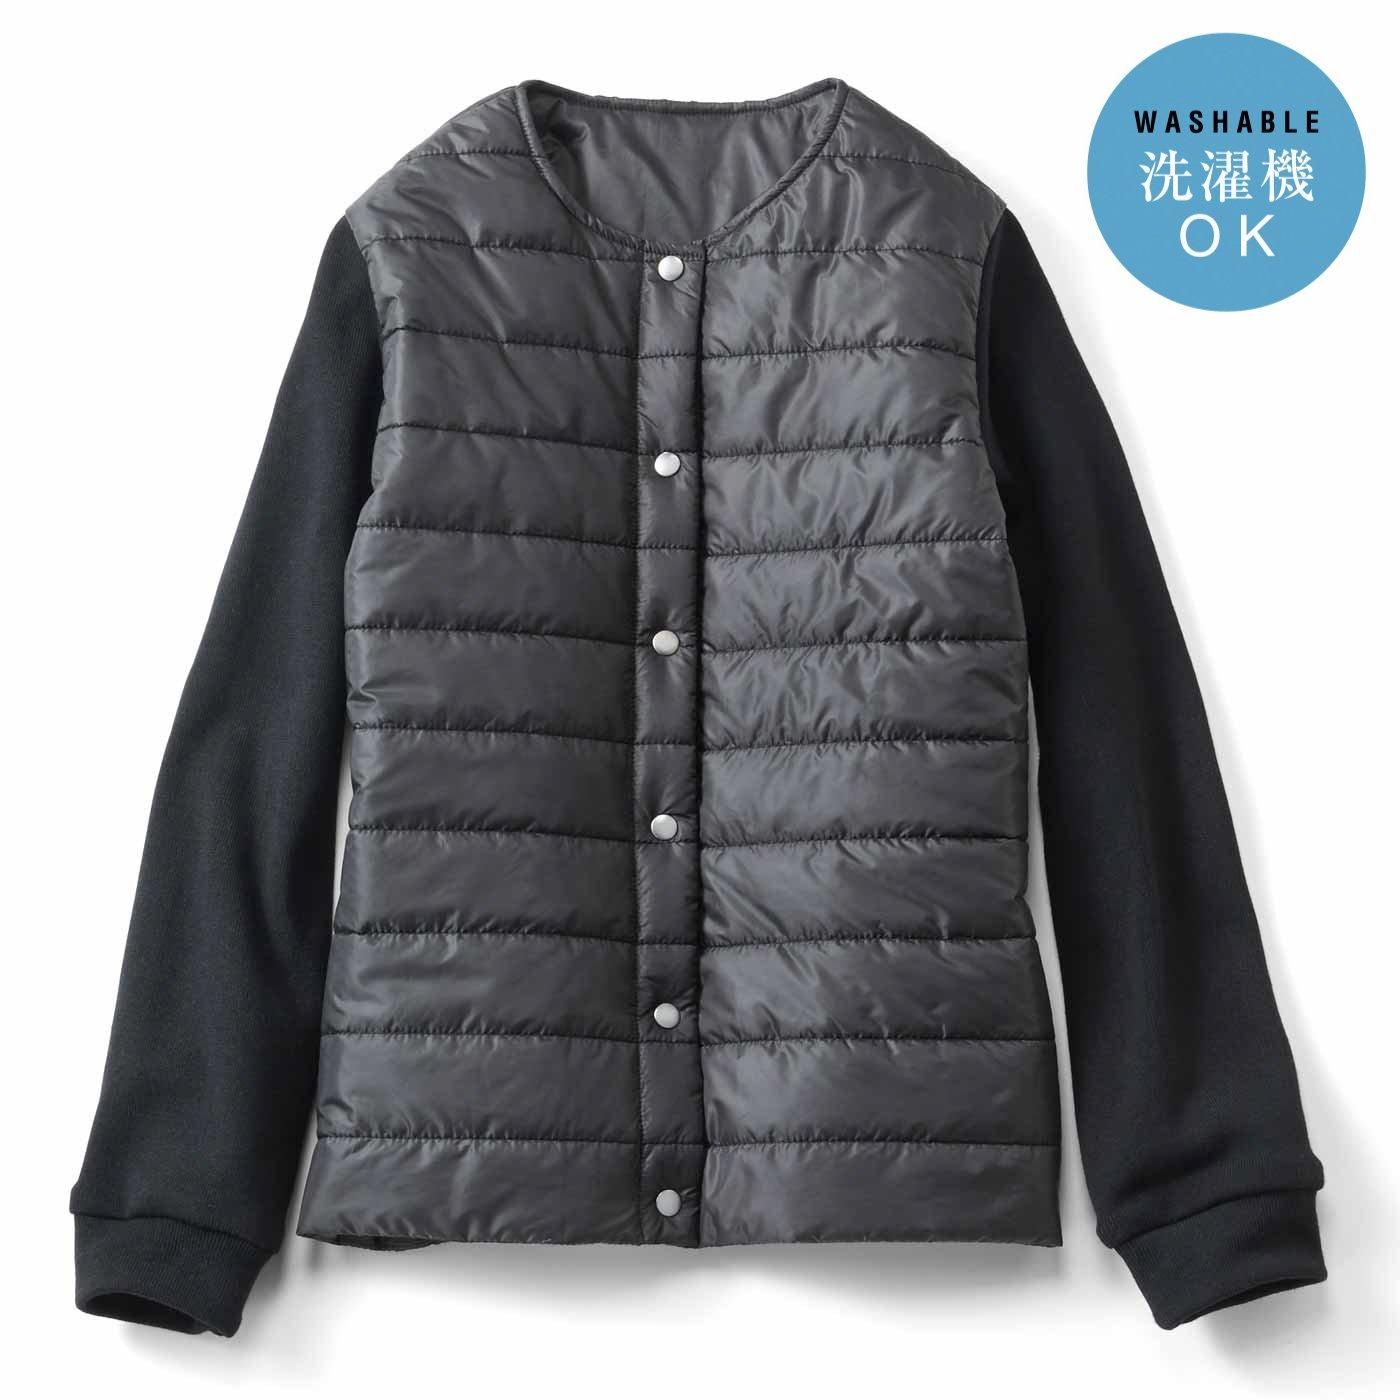 IEDIT[イディット] サーモライト(R)中わた使用の上品リッチなキルティングジャケット〈ブラック〉